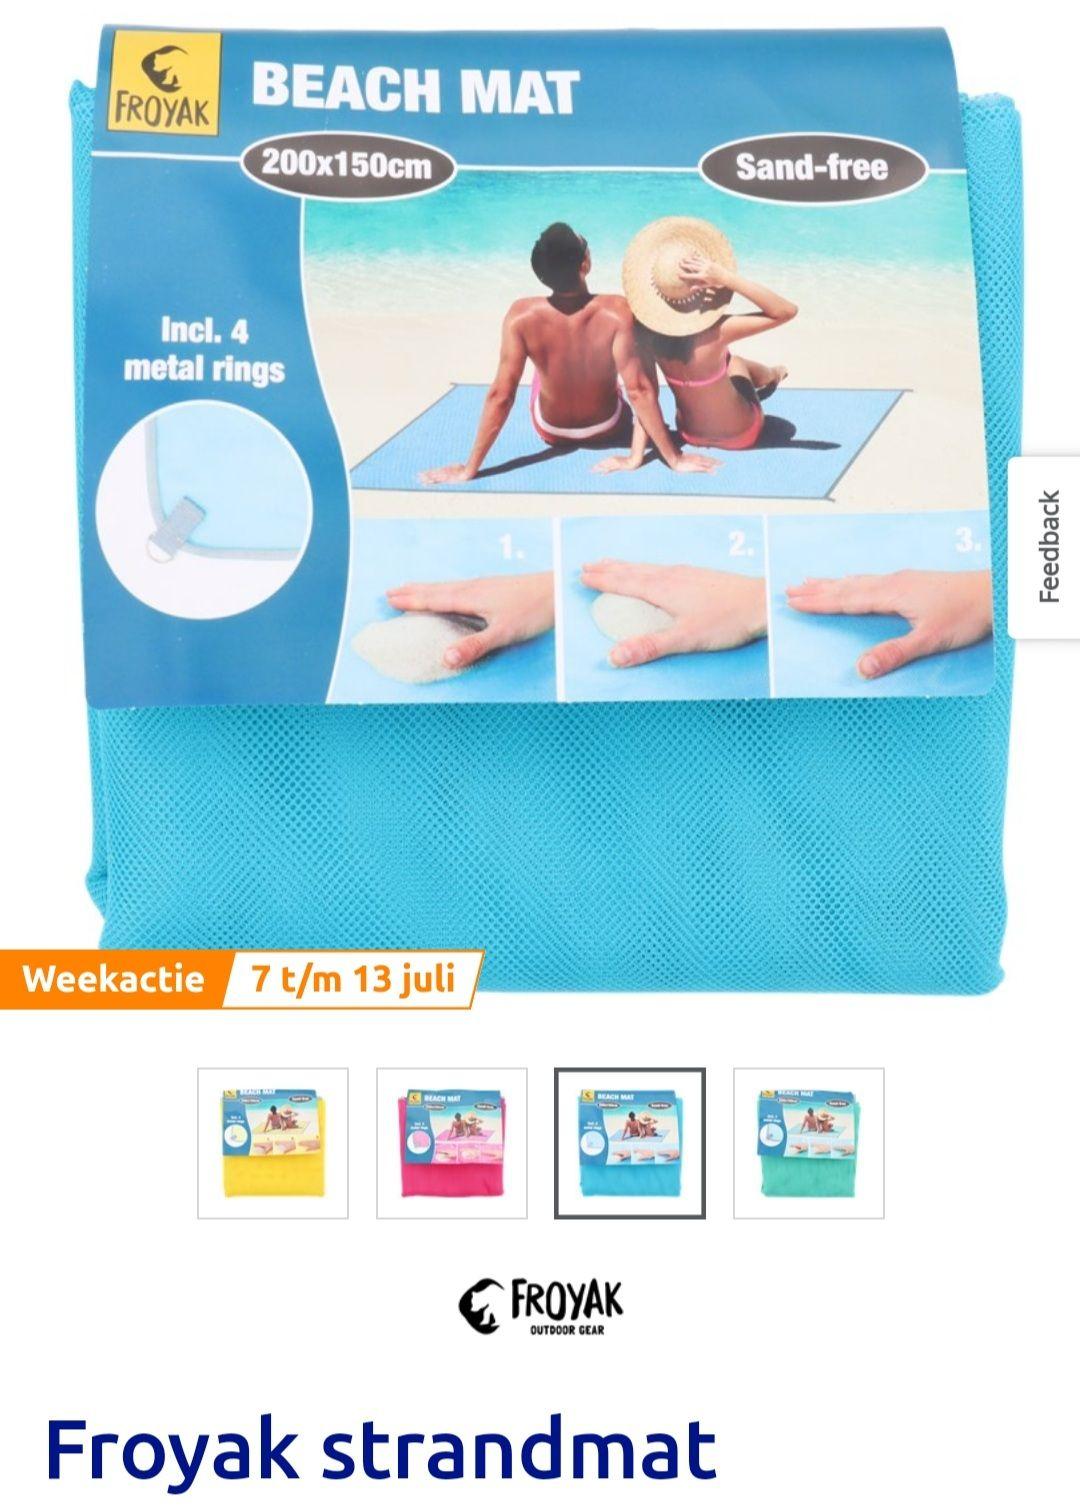 Action Froyak strandmat zandvrij in diverse kleuren voor 3.13